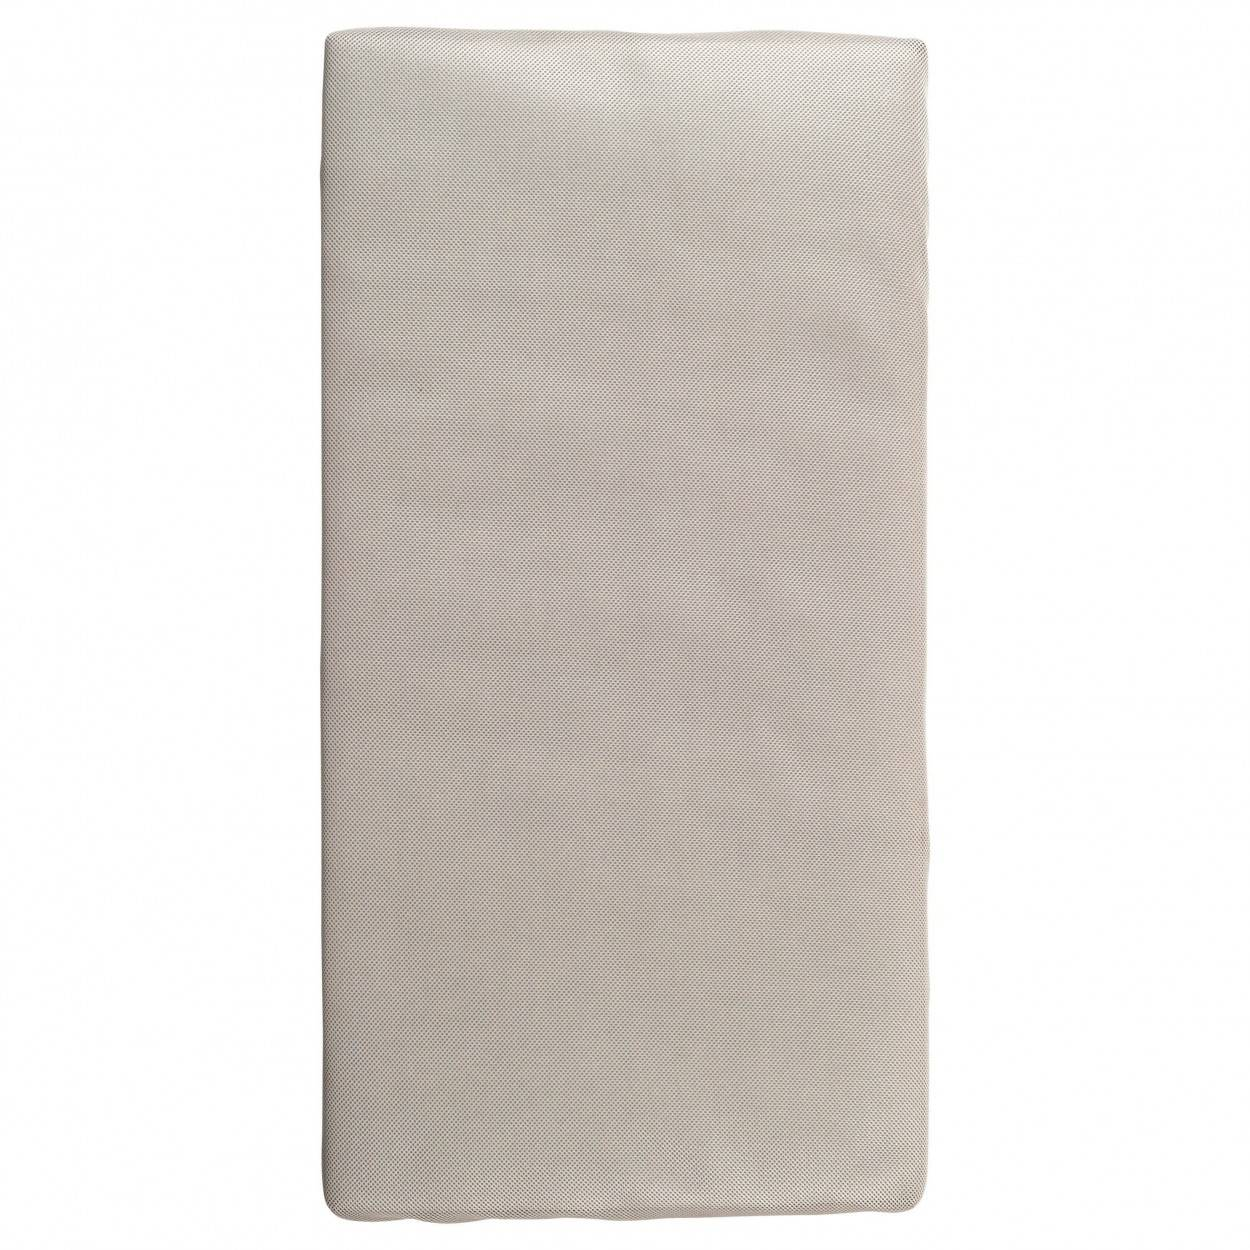 Candide Matelas bébé de voyage 60x120 cm Air+ gris clair